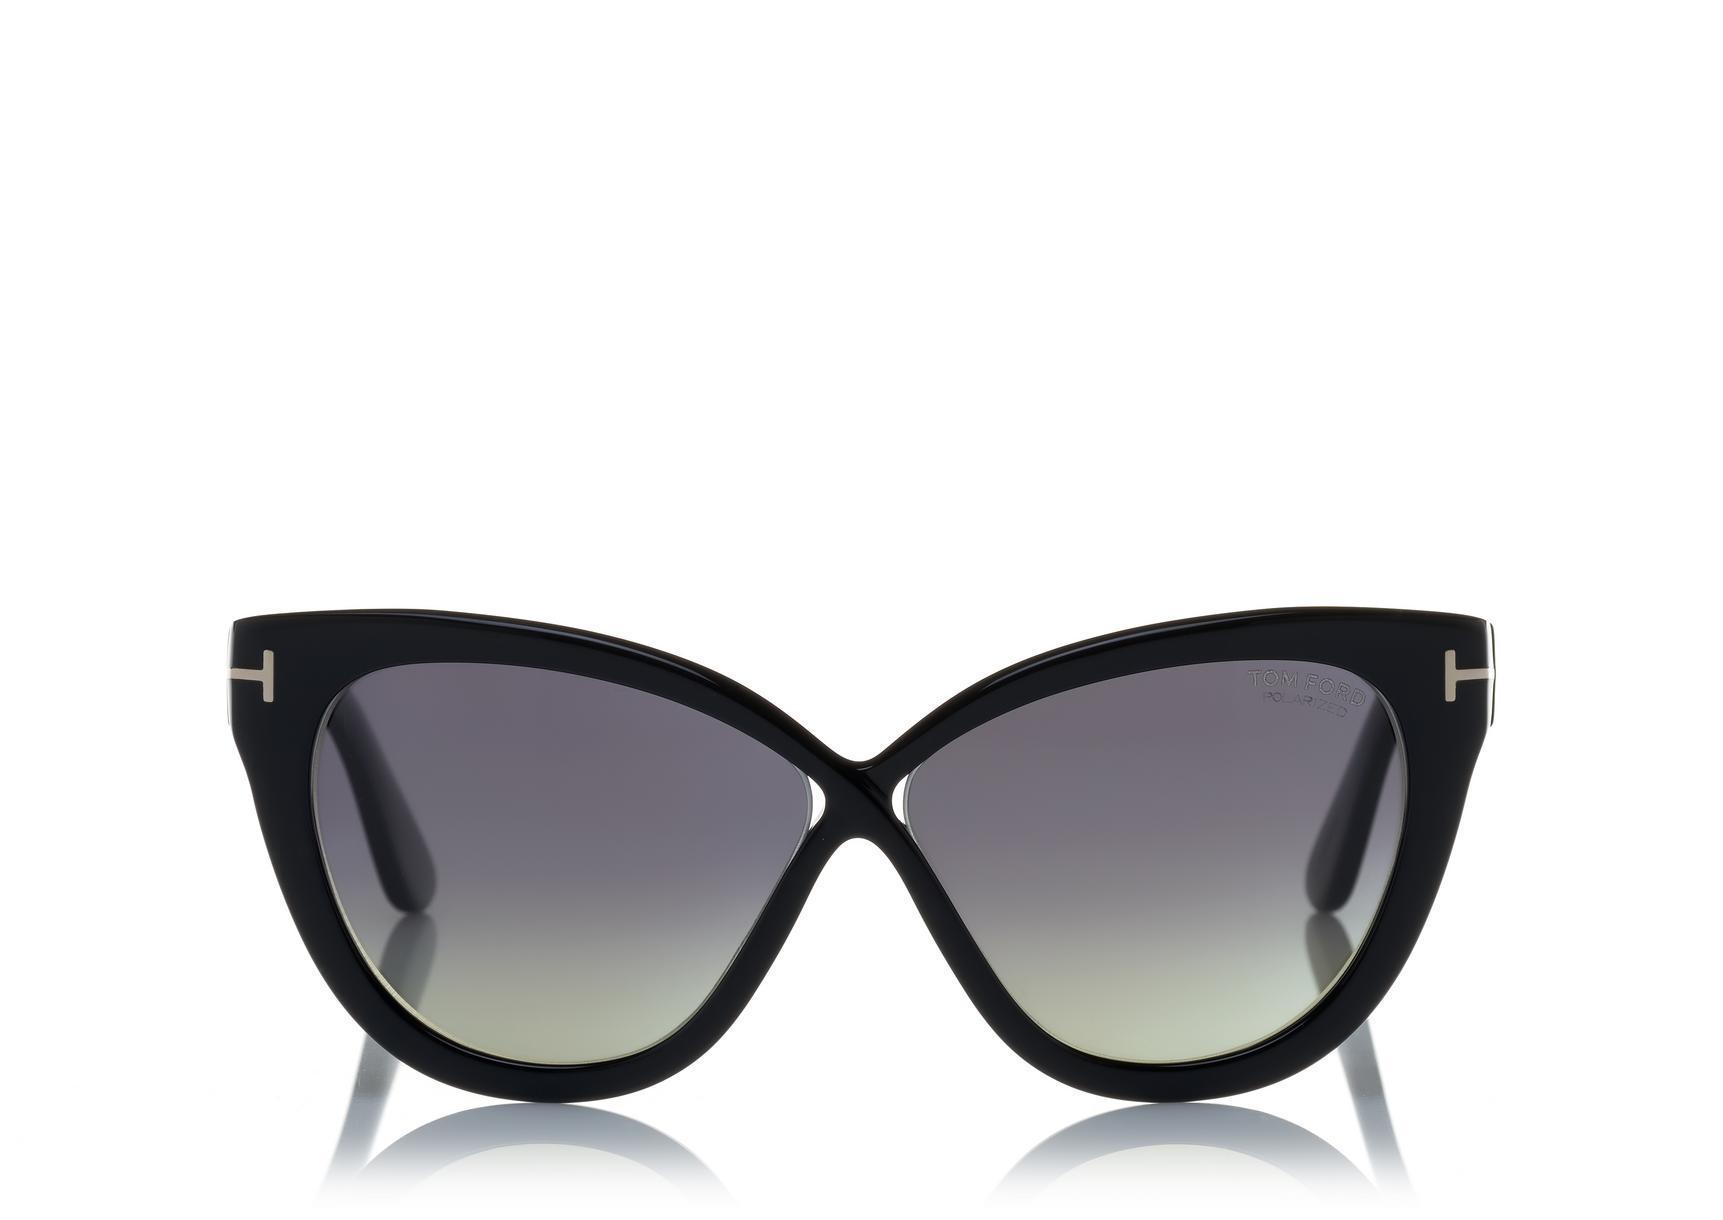 2e59b168e08ef Accessories · Womens · Sunglasses · Arabella - Black  Polarized